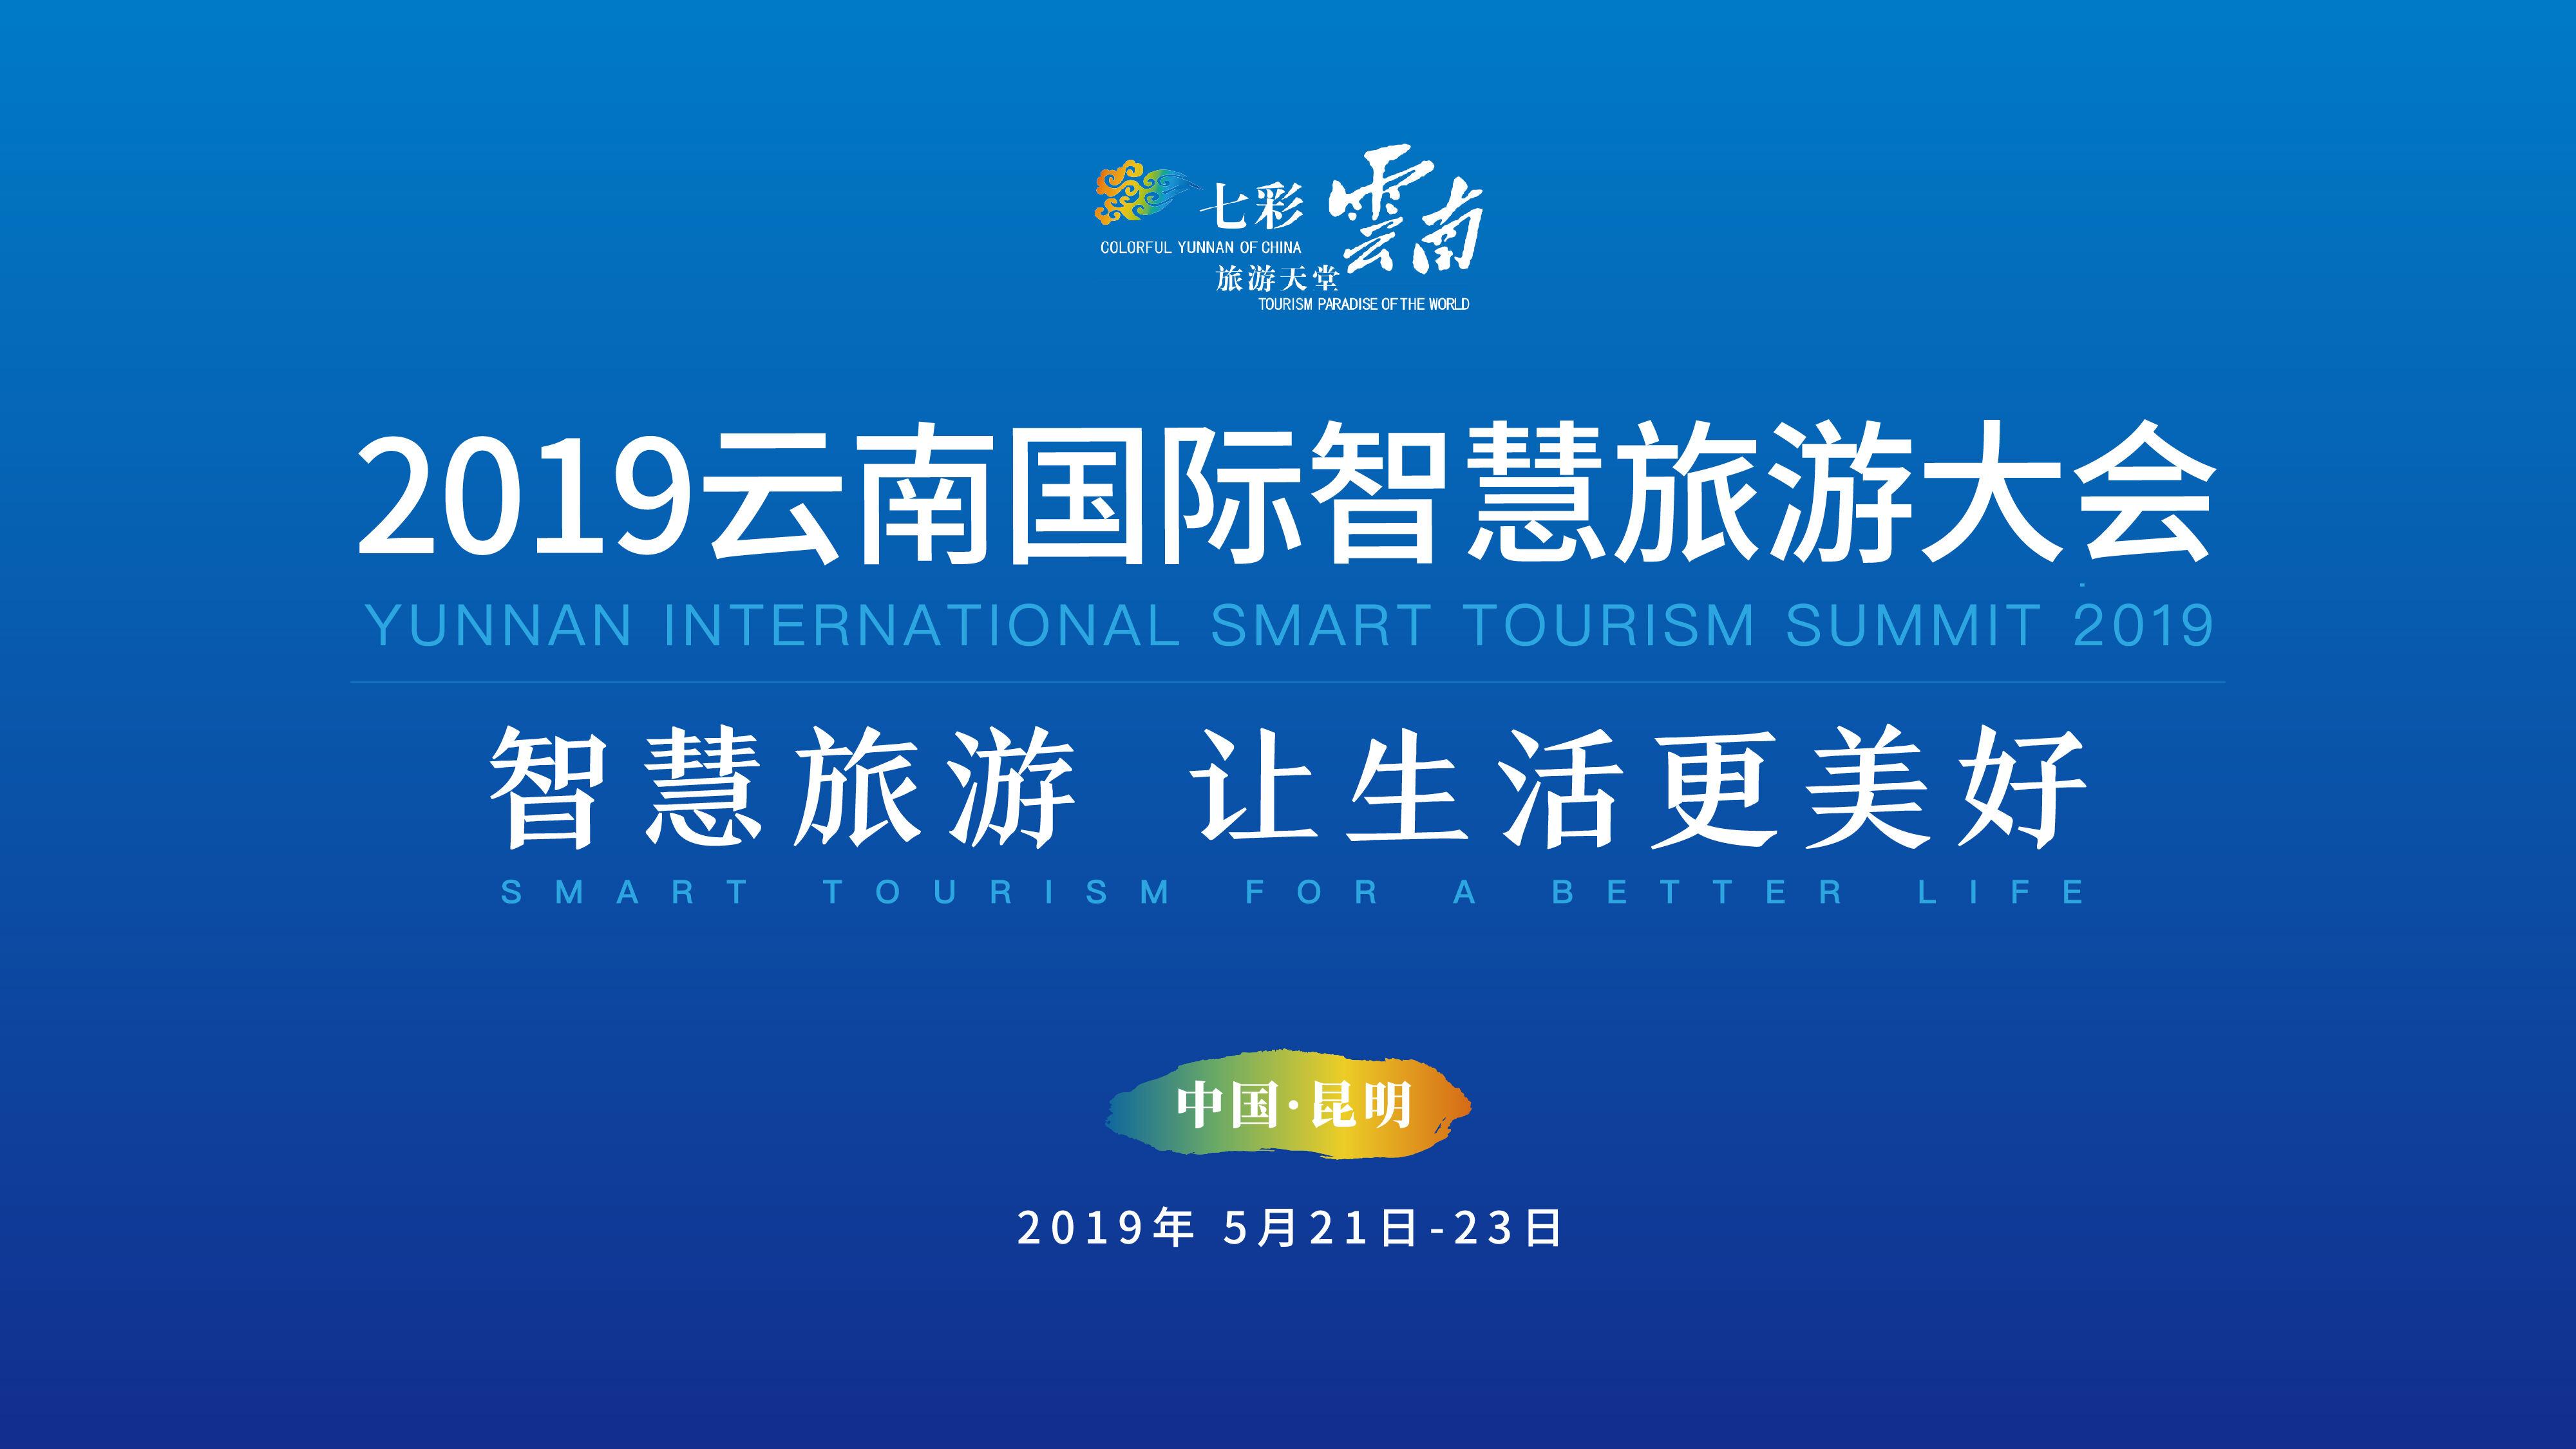 打造数字中国云南范本!马化腾出席云南国际智慧旅游大会